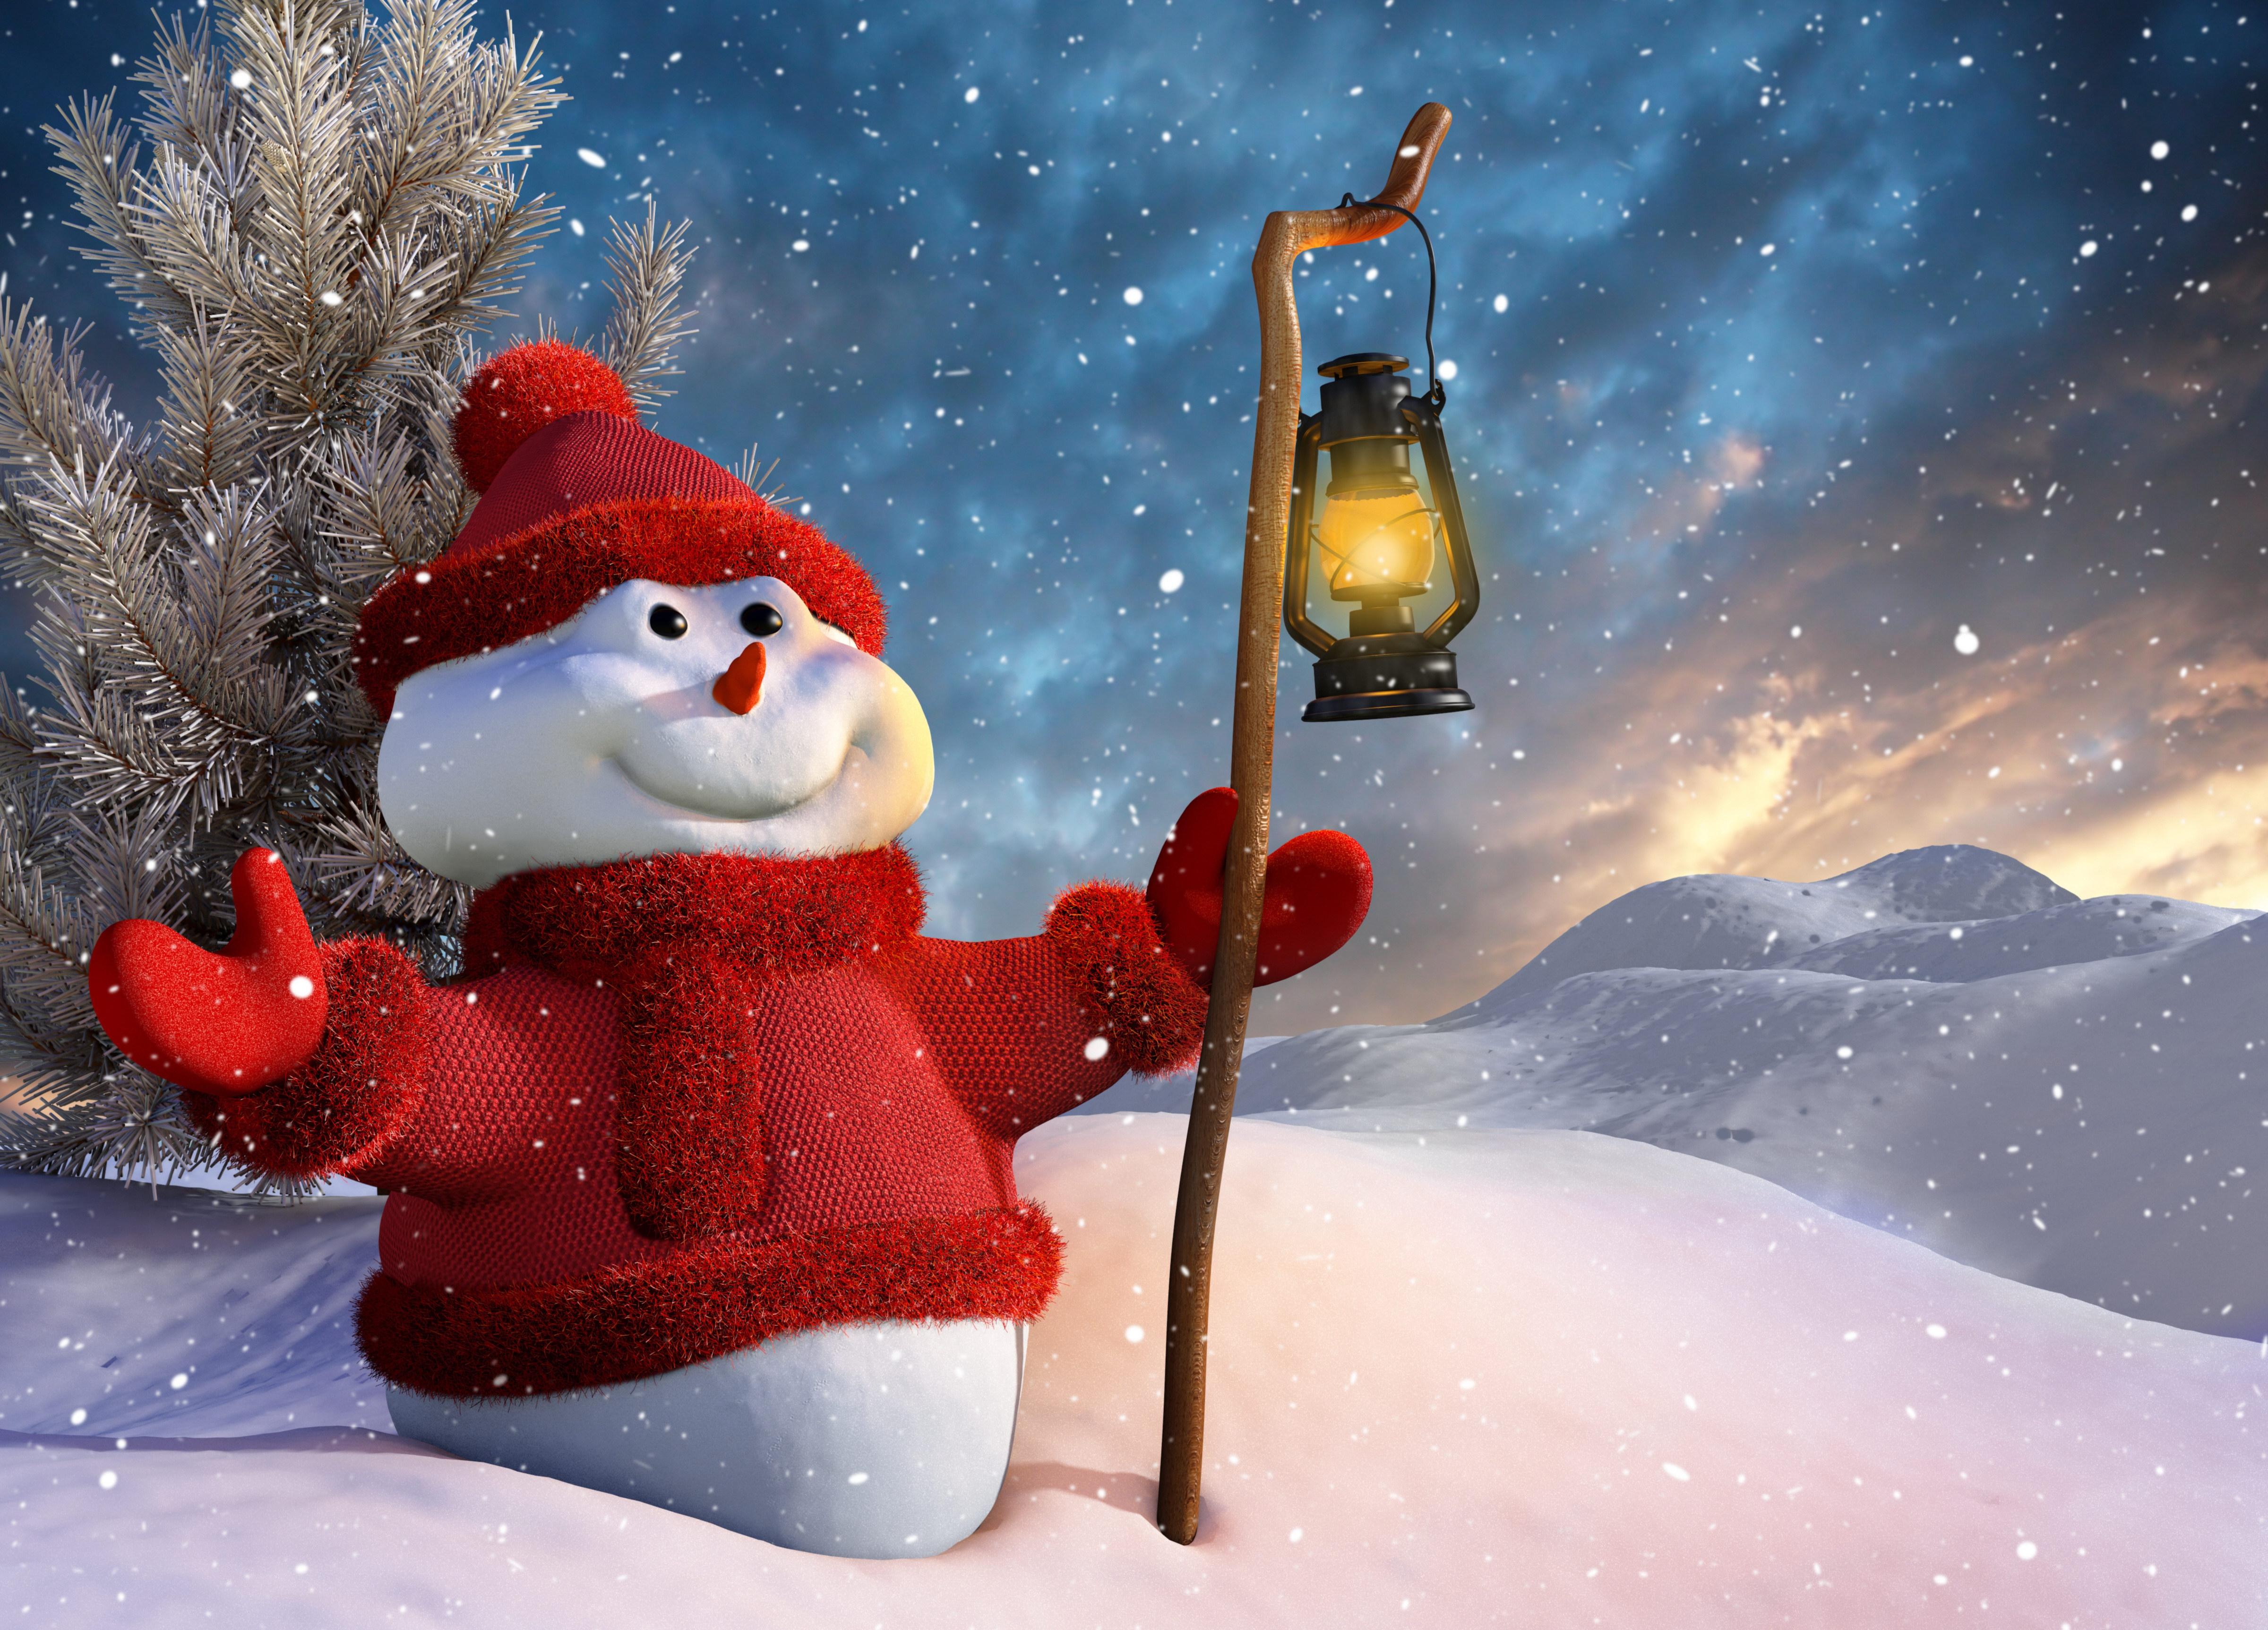 75524 Hintergrundbild herunterladen Feiertage, Mountains, Winterreifen, Schnee, Schneemann, Fir, Lampe, Laterne, Weihnachtsbaum, Personal, 3D-Grafik, 3D-Grafiken, Mitarbeiter - Bildschirmschoner und Bilder kostenlos